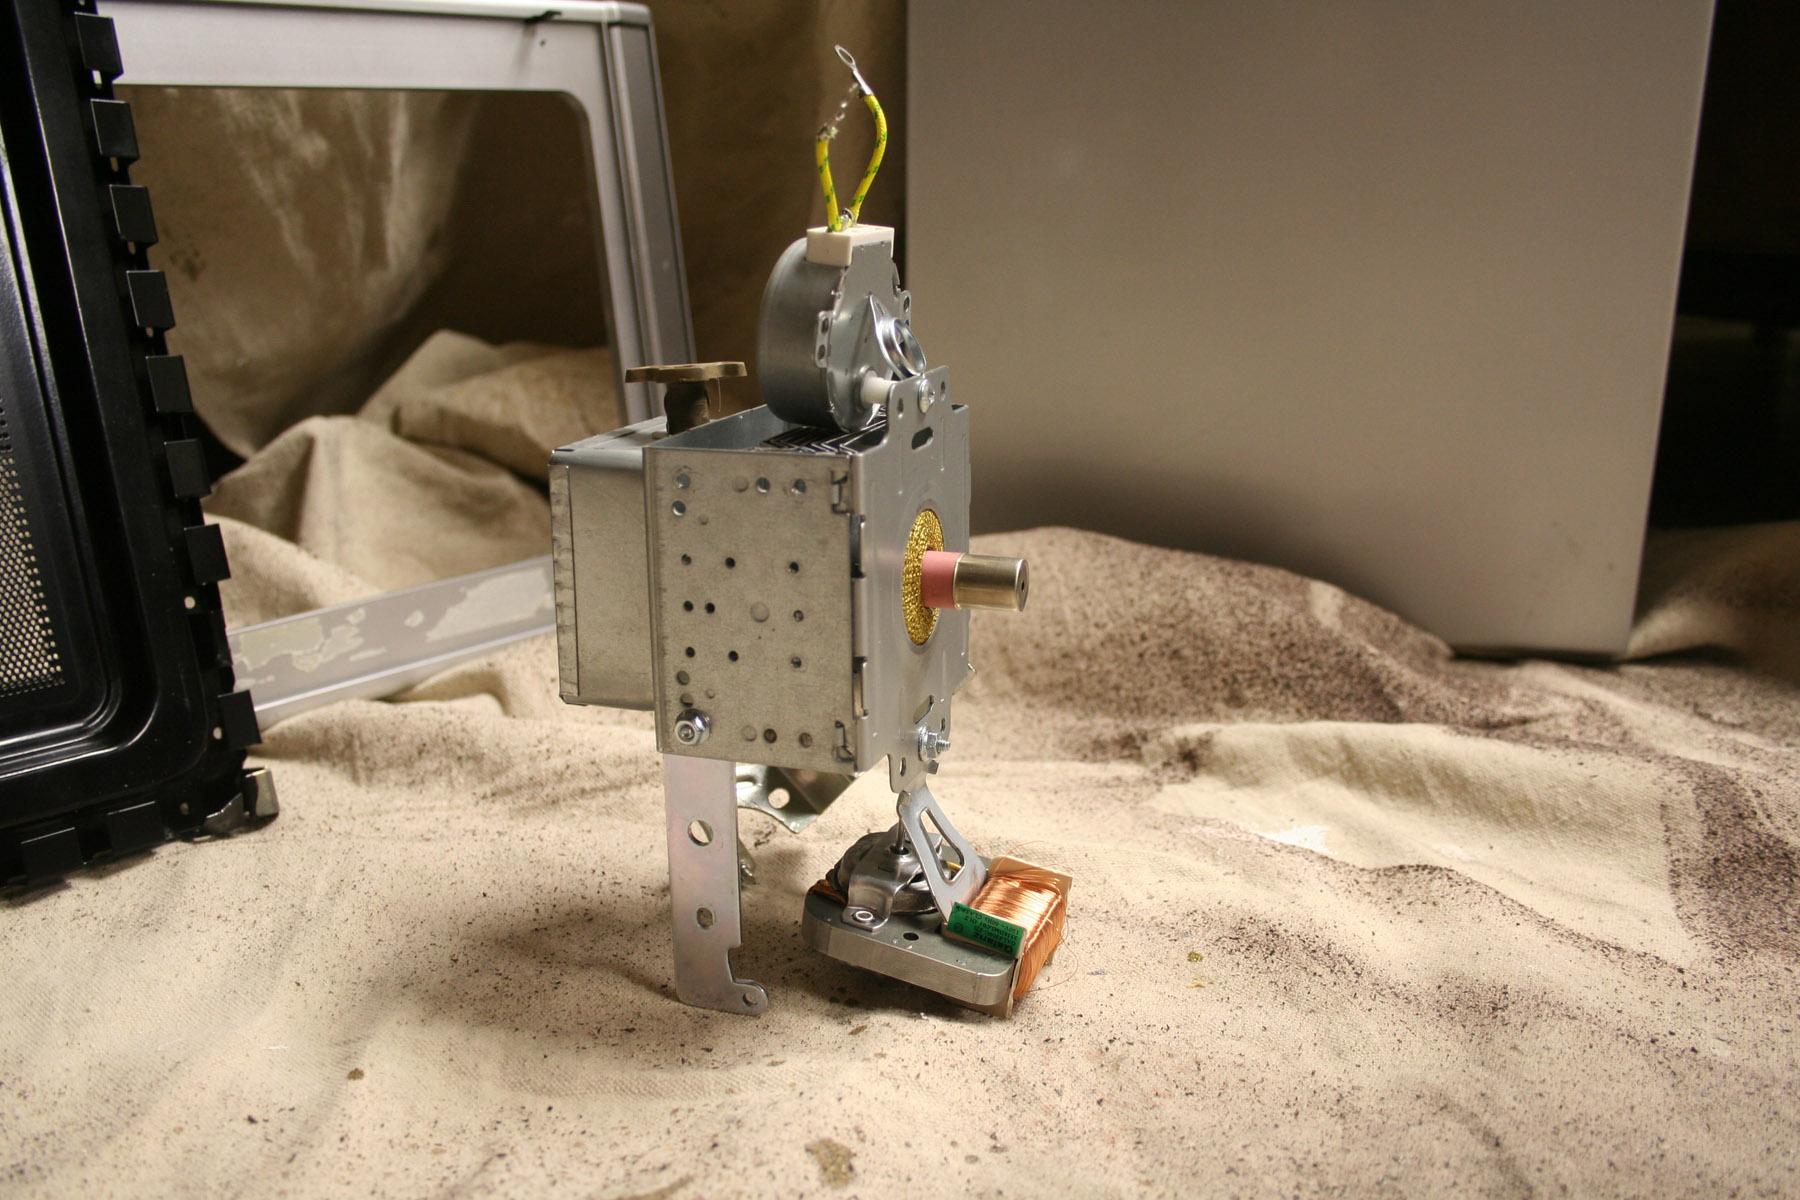 Project7_Little_Robot (4).jpg